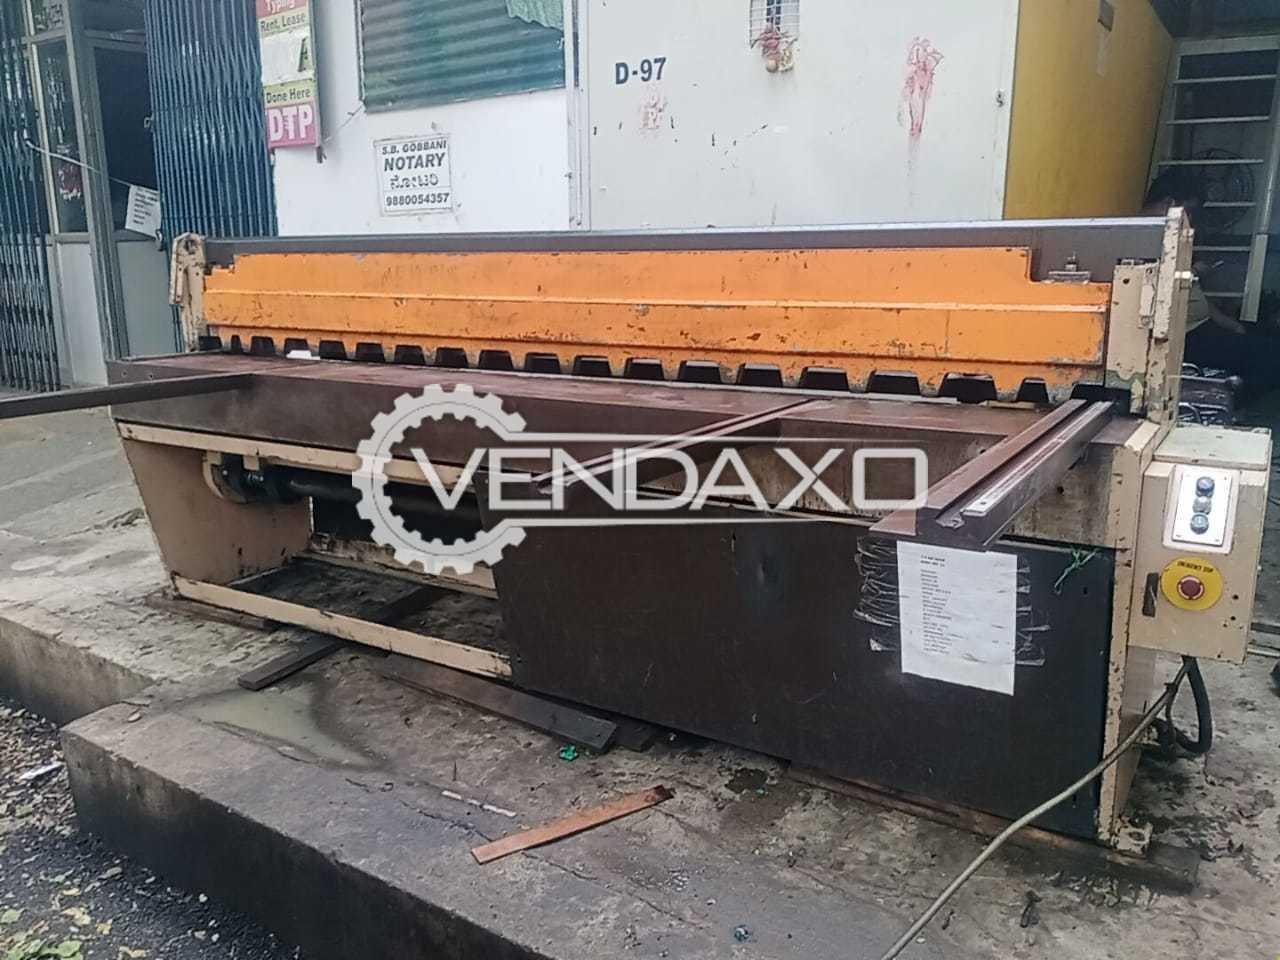 Edwards 3.5/2500 Shearing Machine - 3.5 Meter x 2540 mm